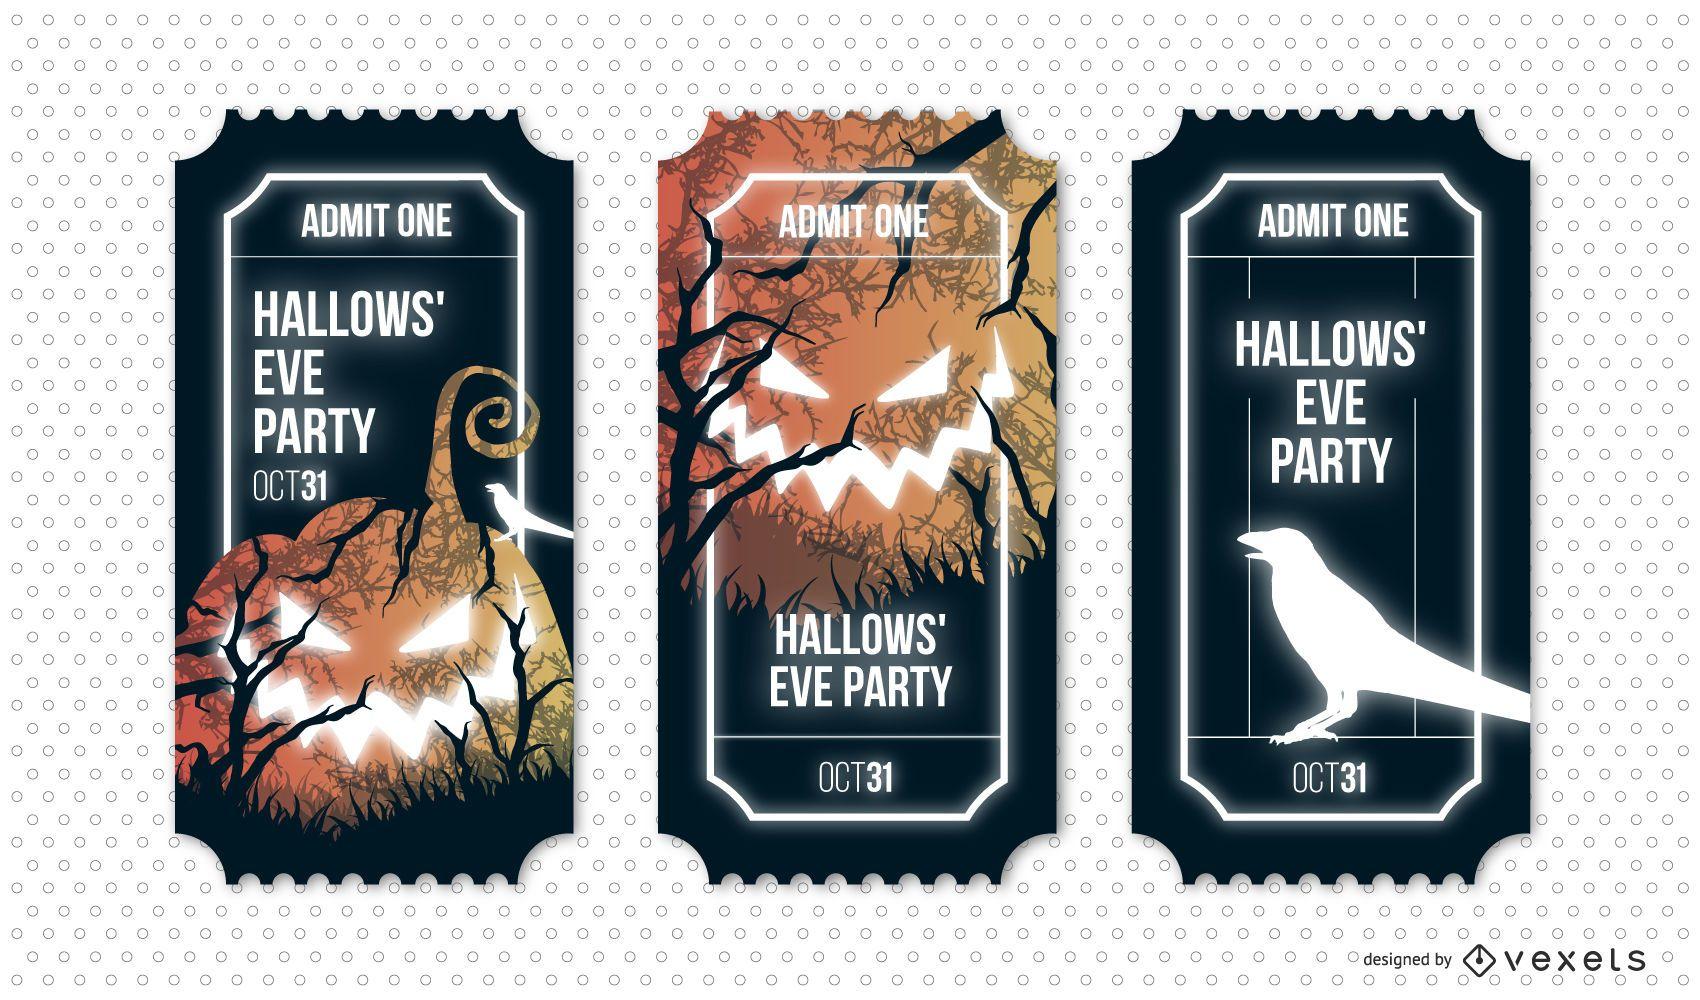 Hallowsâ???? eve party ticket set